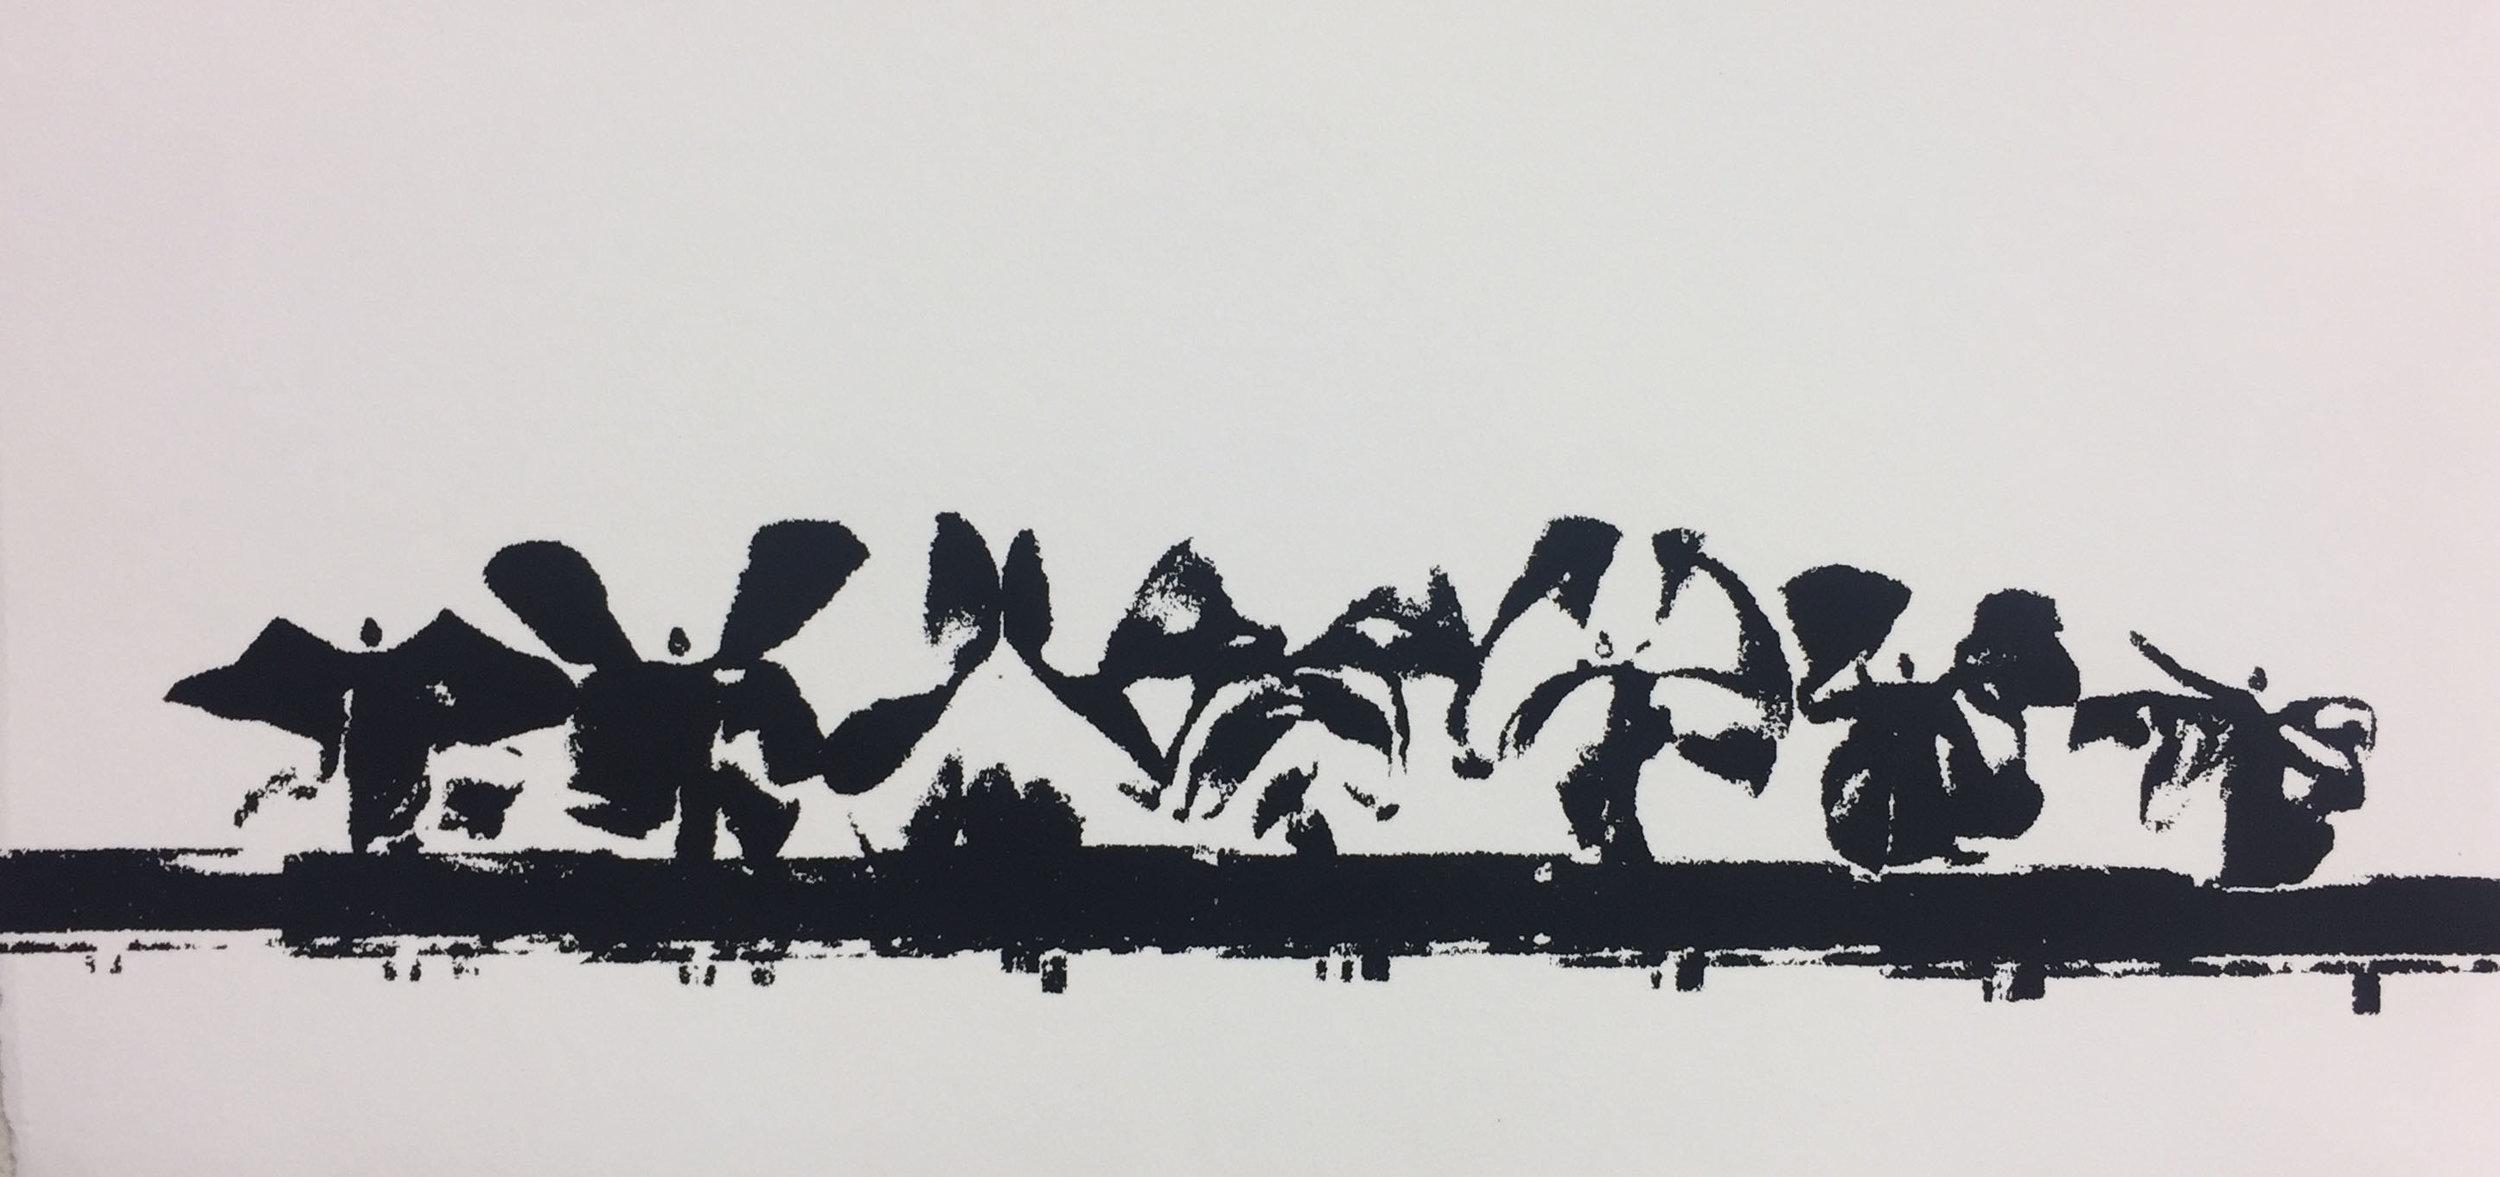 - Serpentine Variations III, serigraph